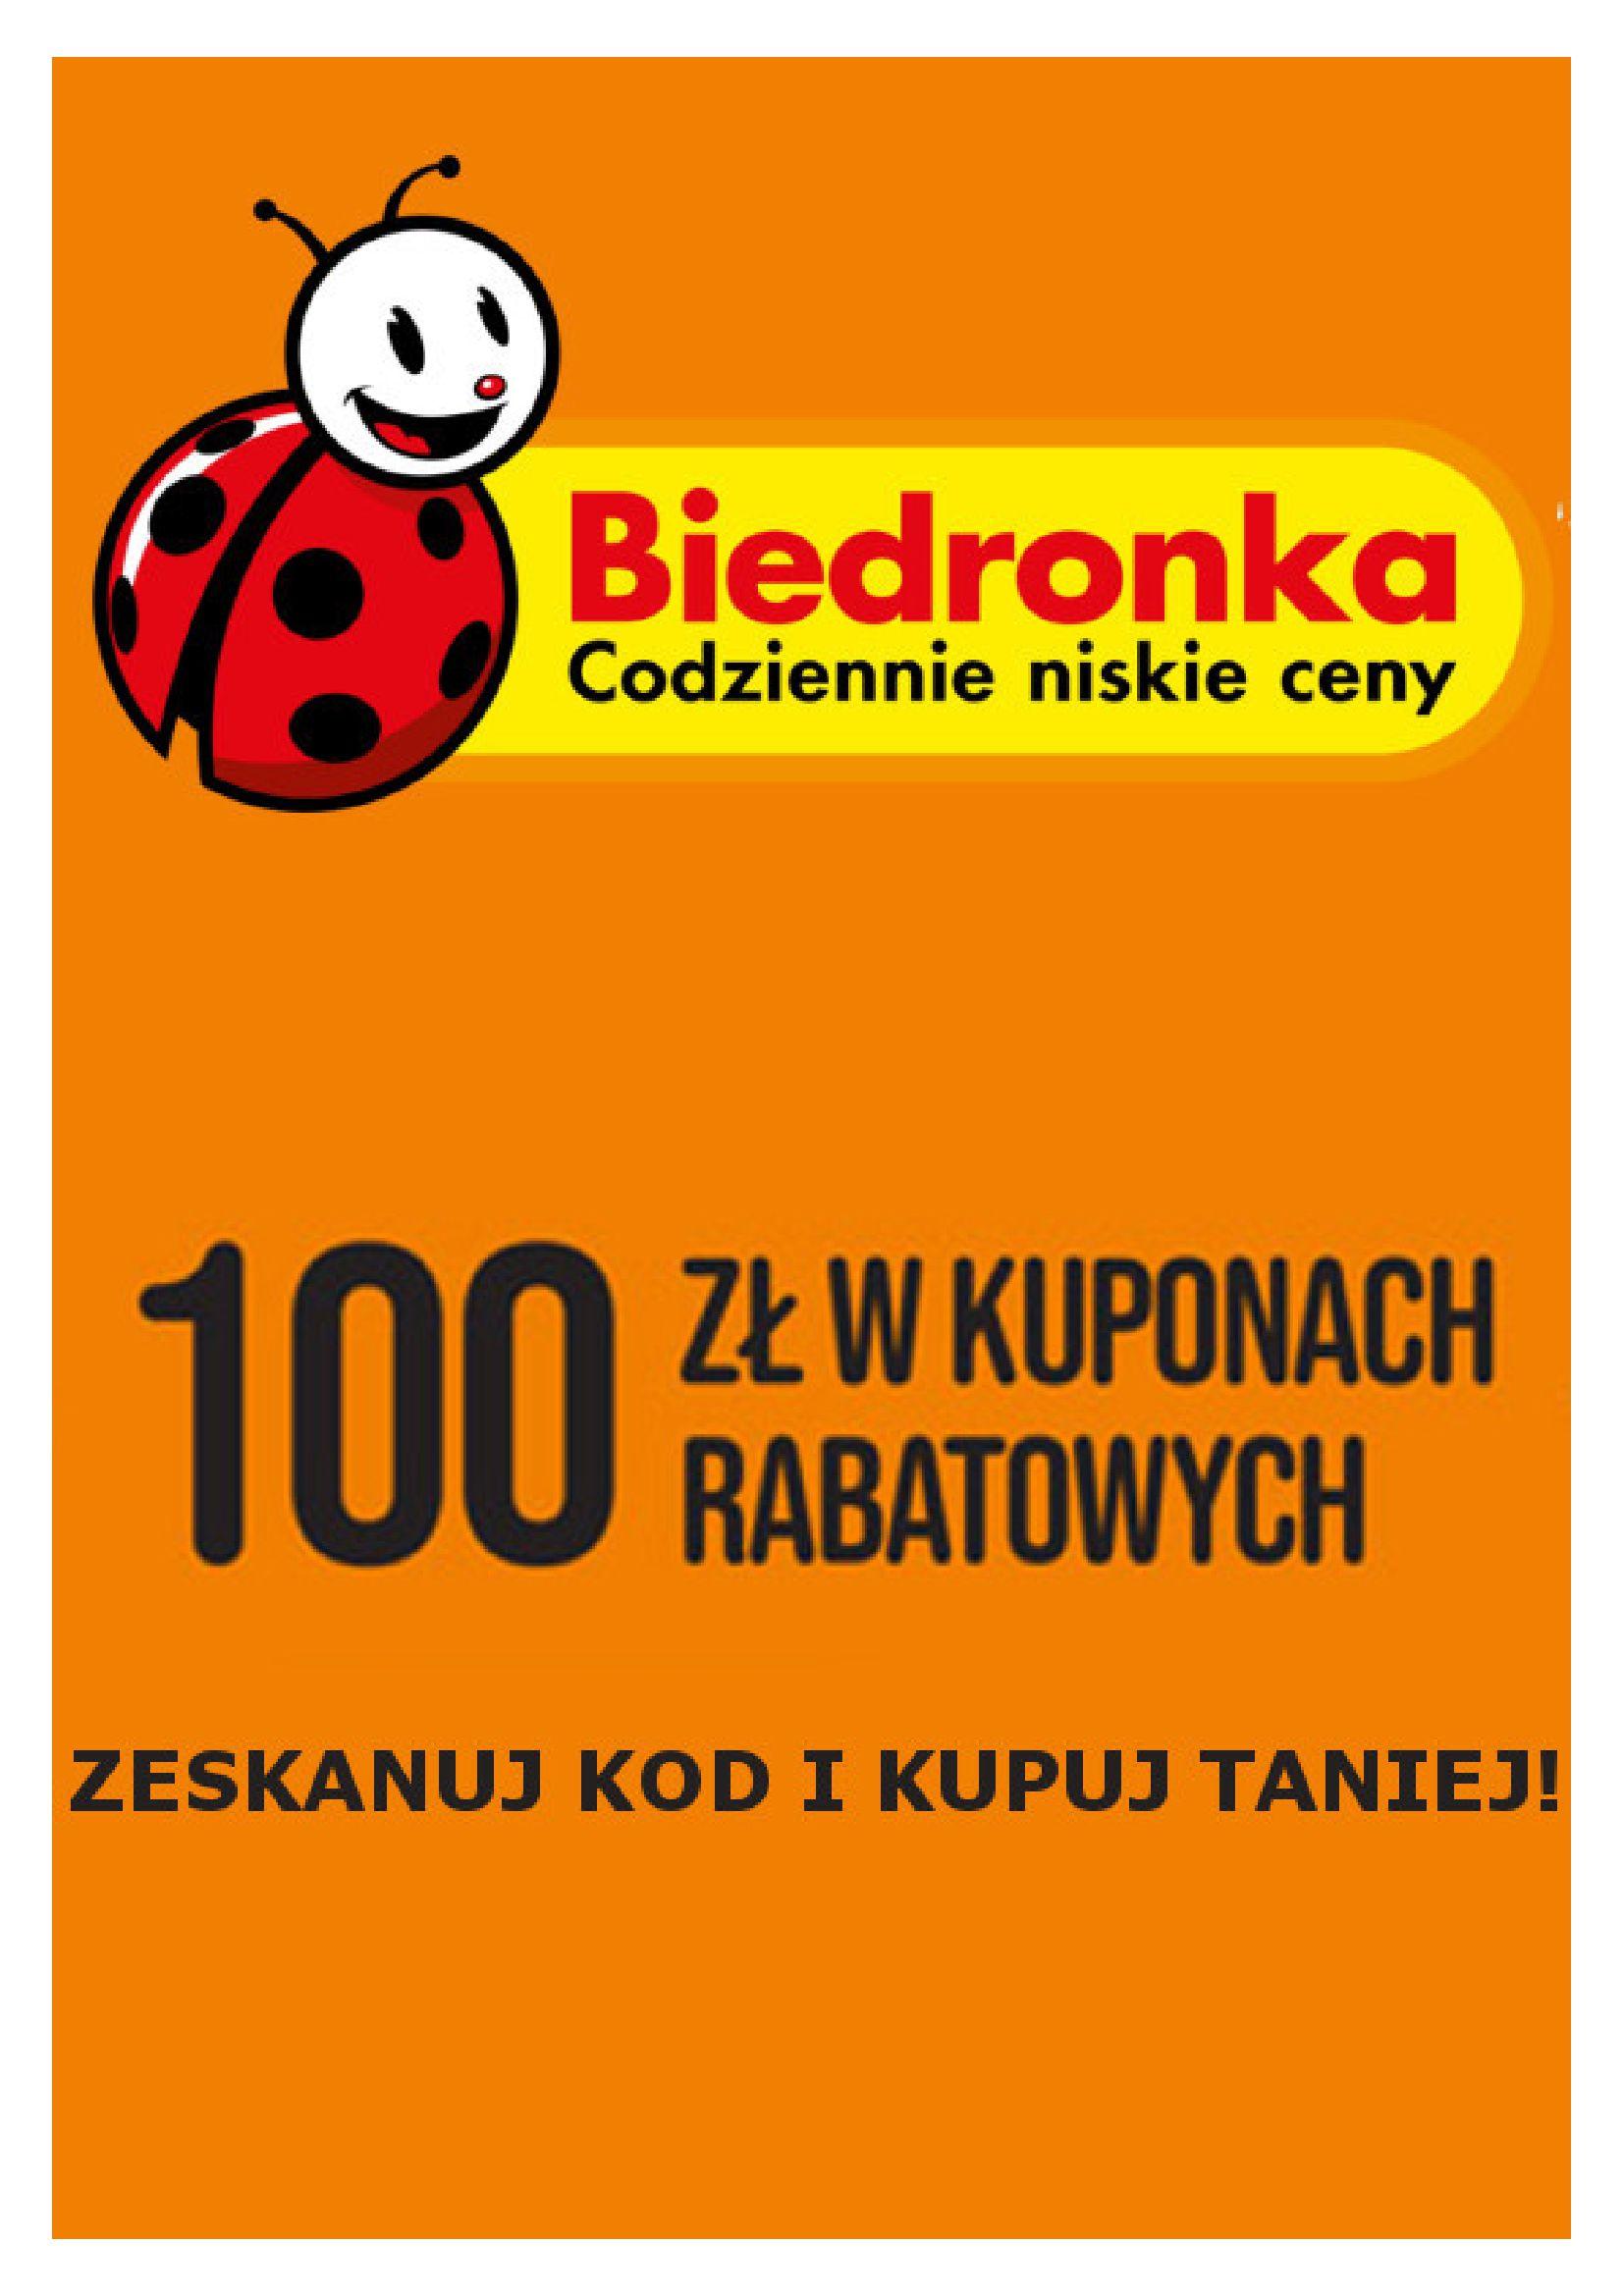 Biedronka:  Gazetka Biedronka - Kody rabatowe na wybrane produkty 19.10.2021